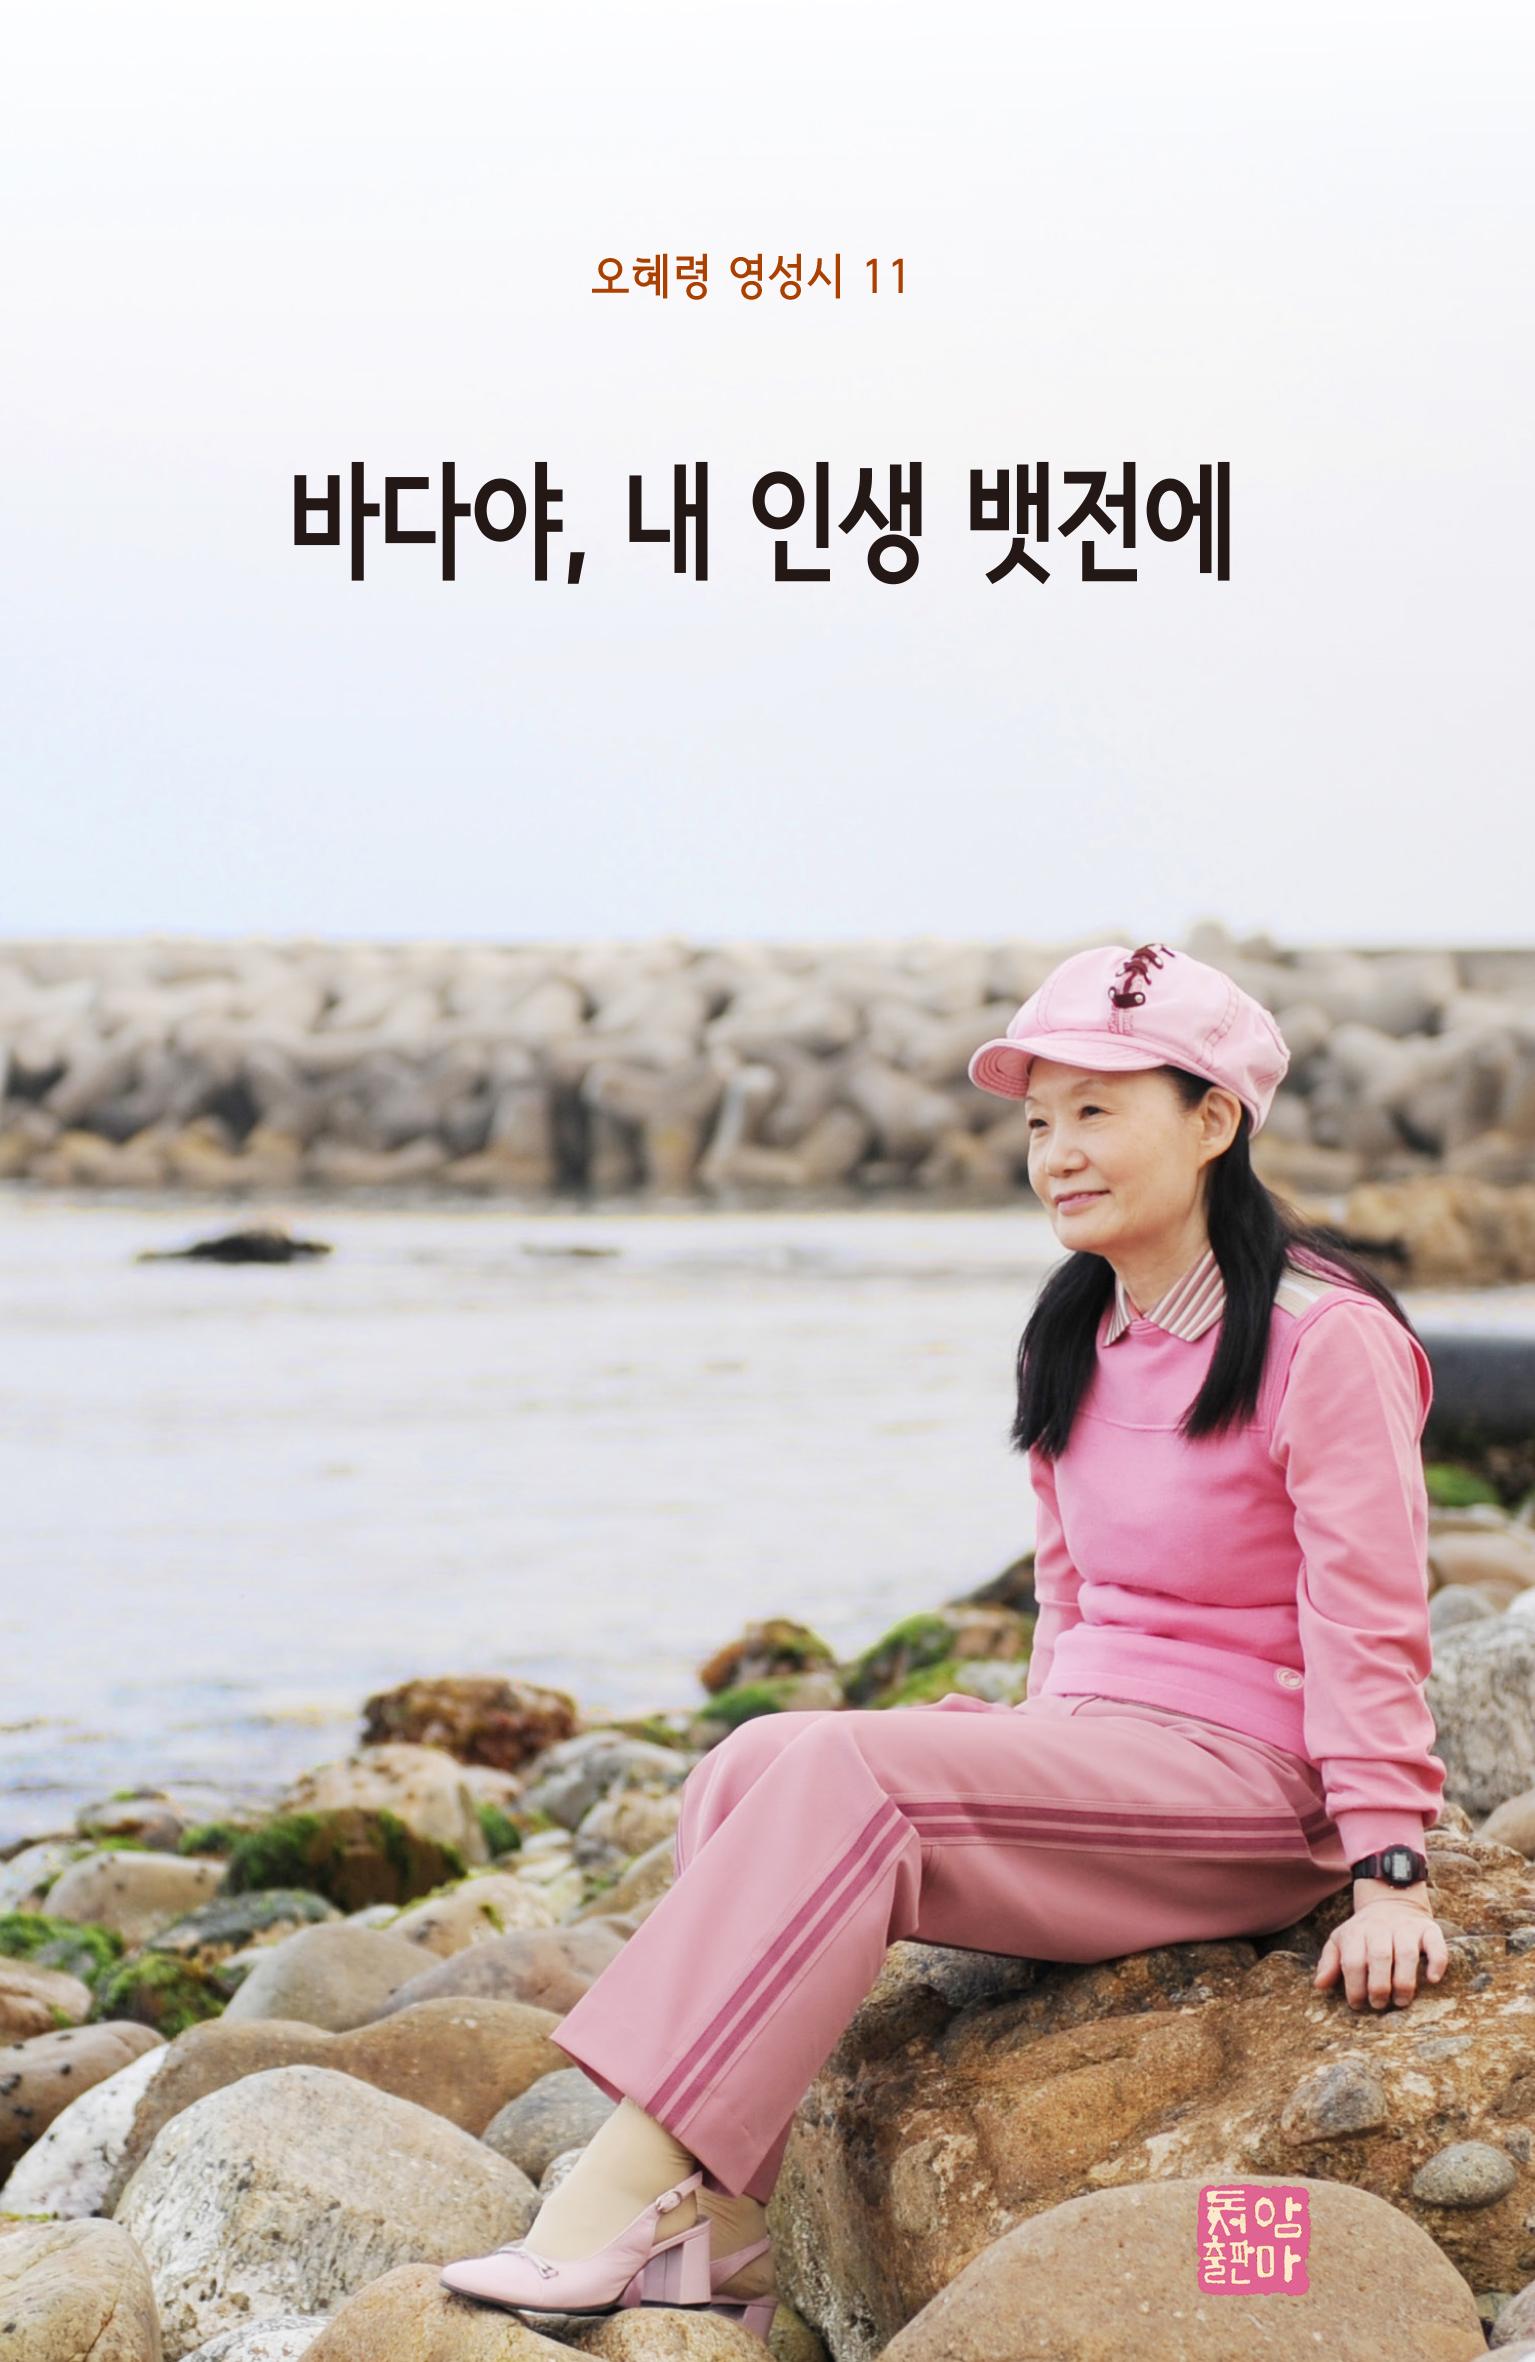 오혜령영성시11권 표지 홈피용n.jpg